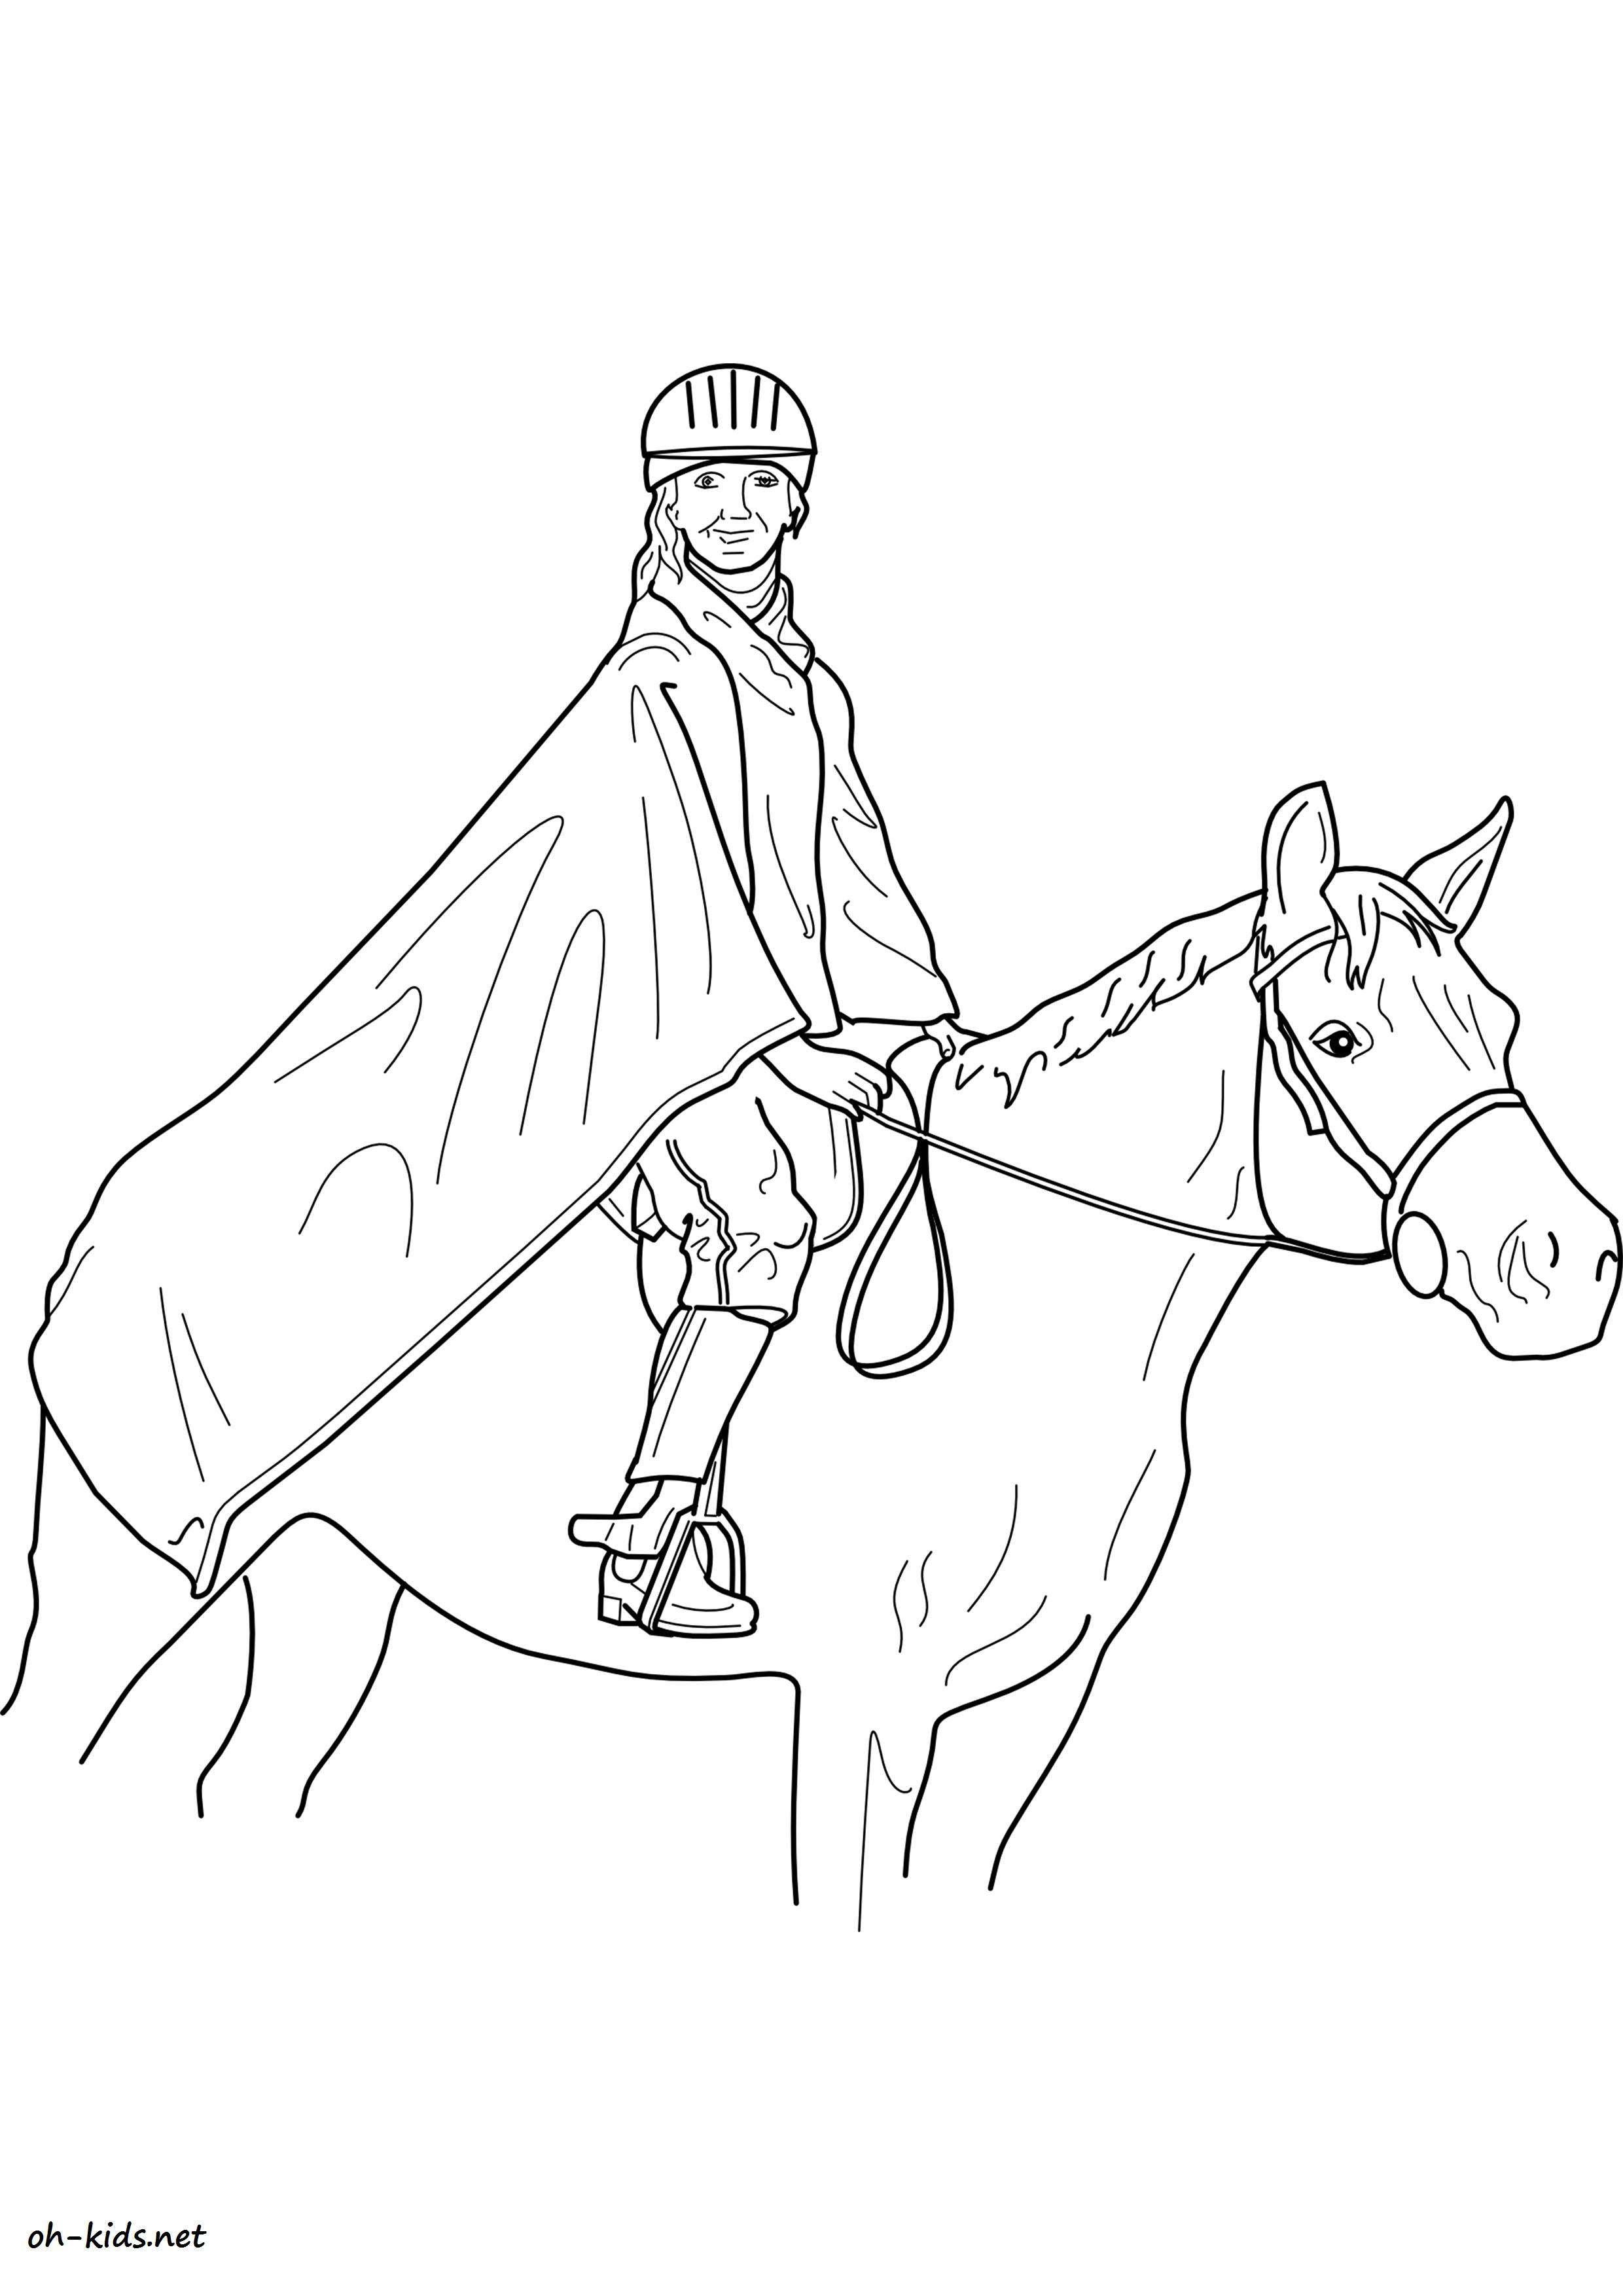 Image de équitation a imprimer et colorier Dessin 1373